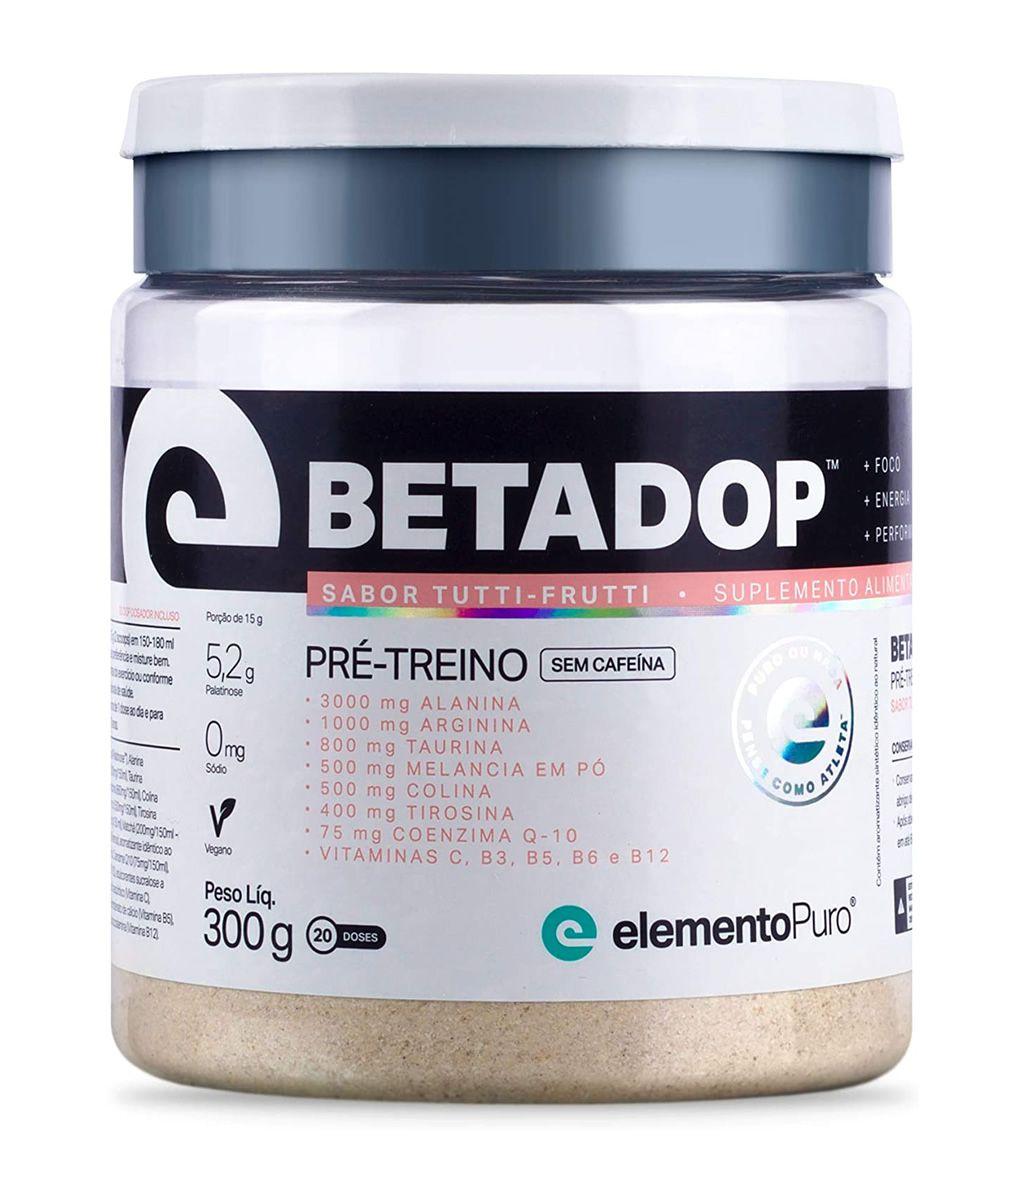 Betadop Pré Treino Zero Cafeína 300g Elemento Puro - Tutti-Frutti